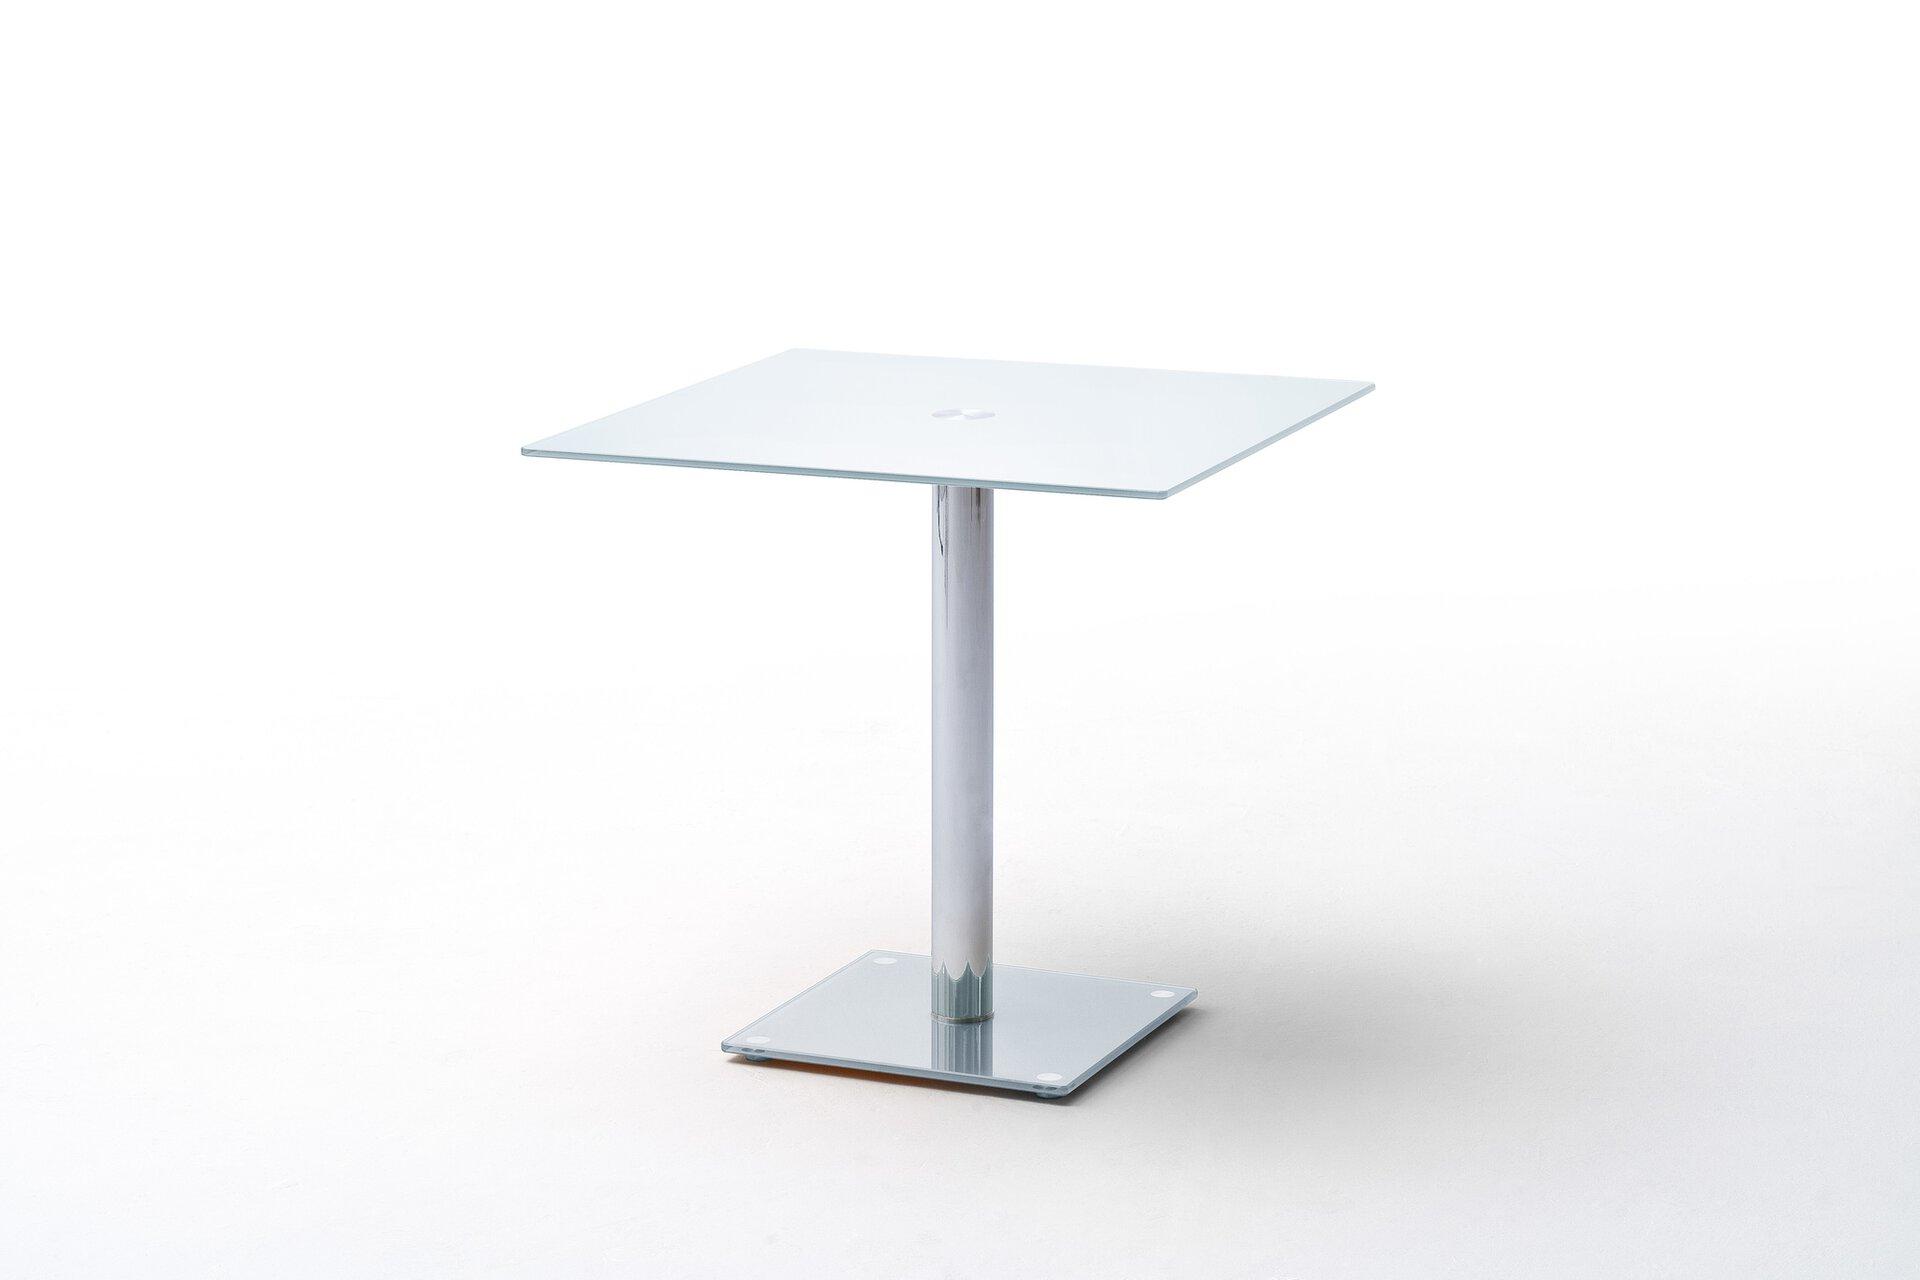 Esstisch FION MCA furniture Metall 80 x 77 x 80 cm